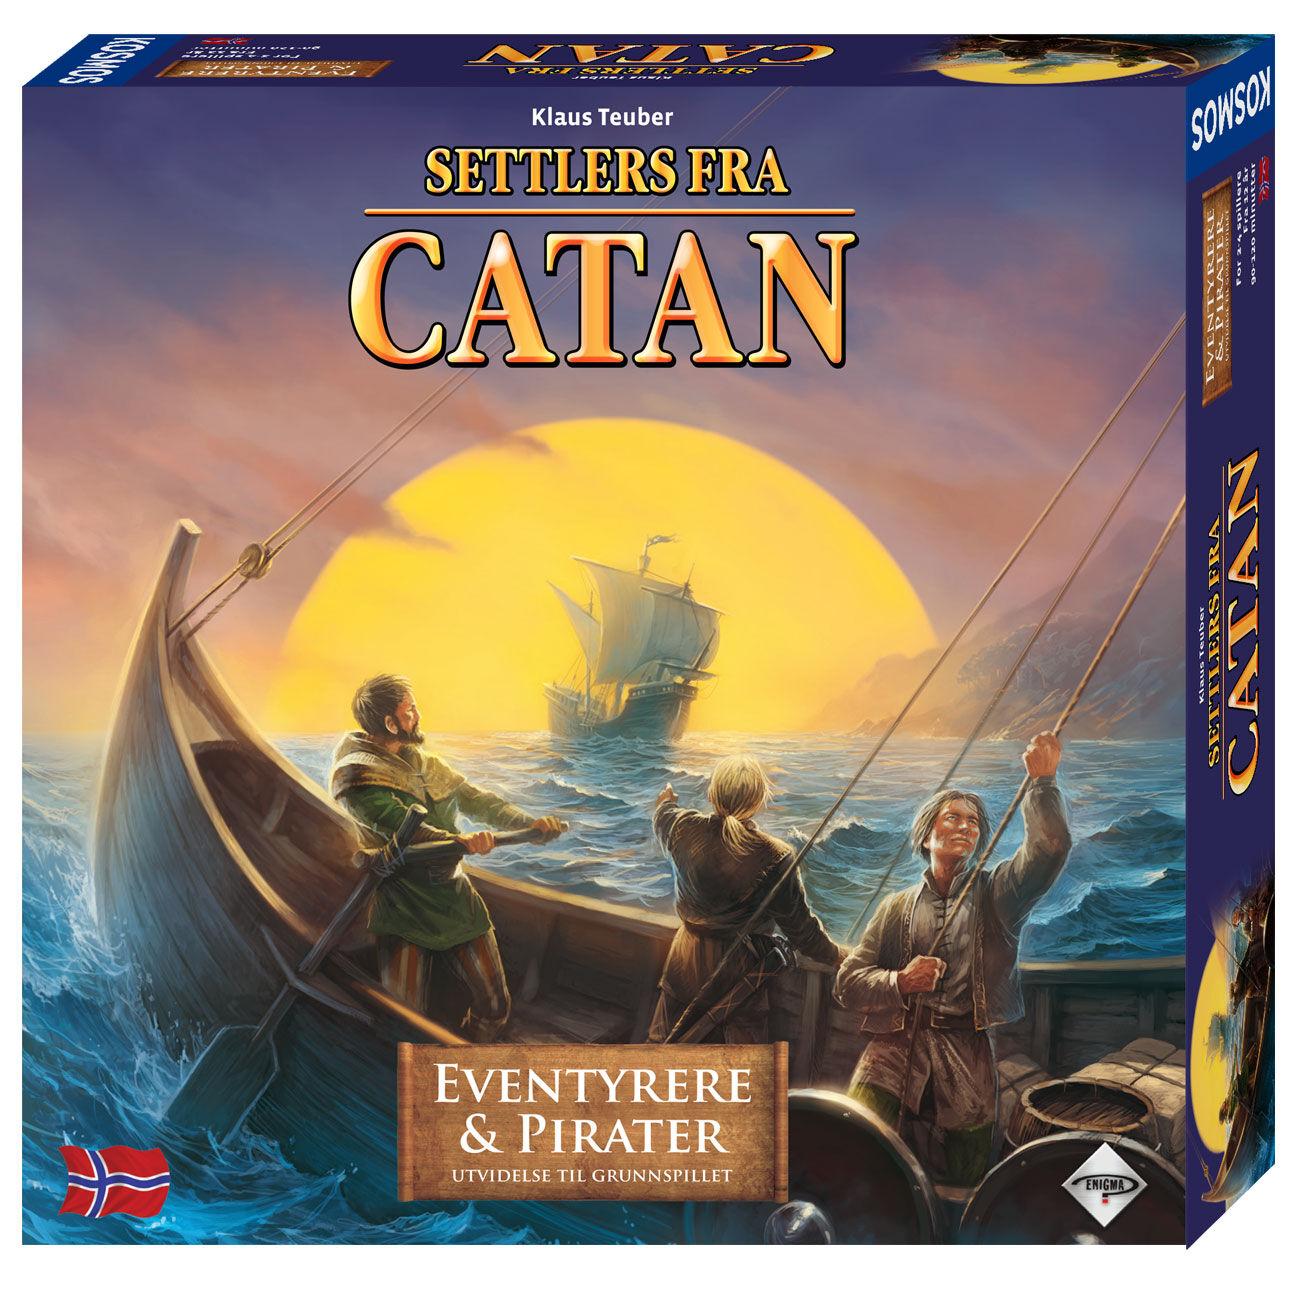 Catan Eventyrere og Pirater Norsk Utvide 3-4 Utvidelse Eventyrere og Pirater